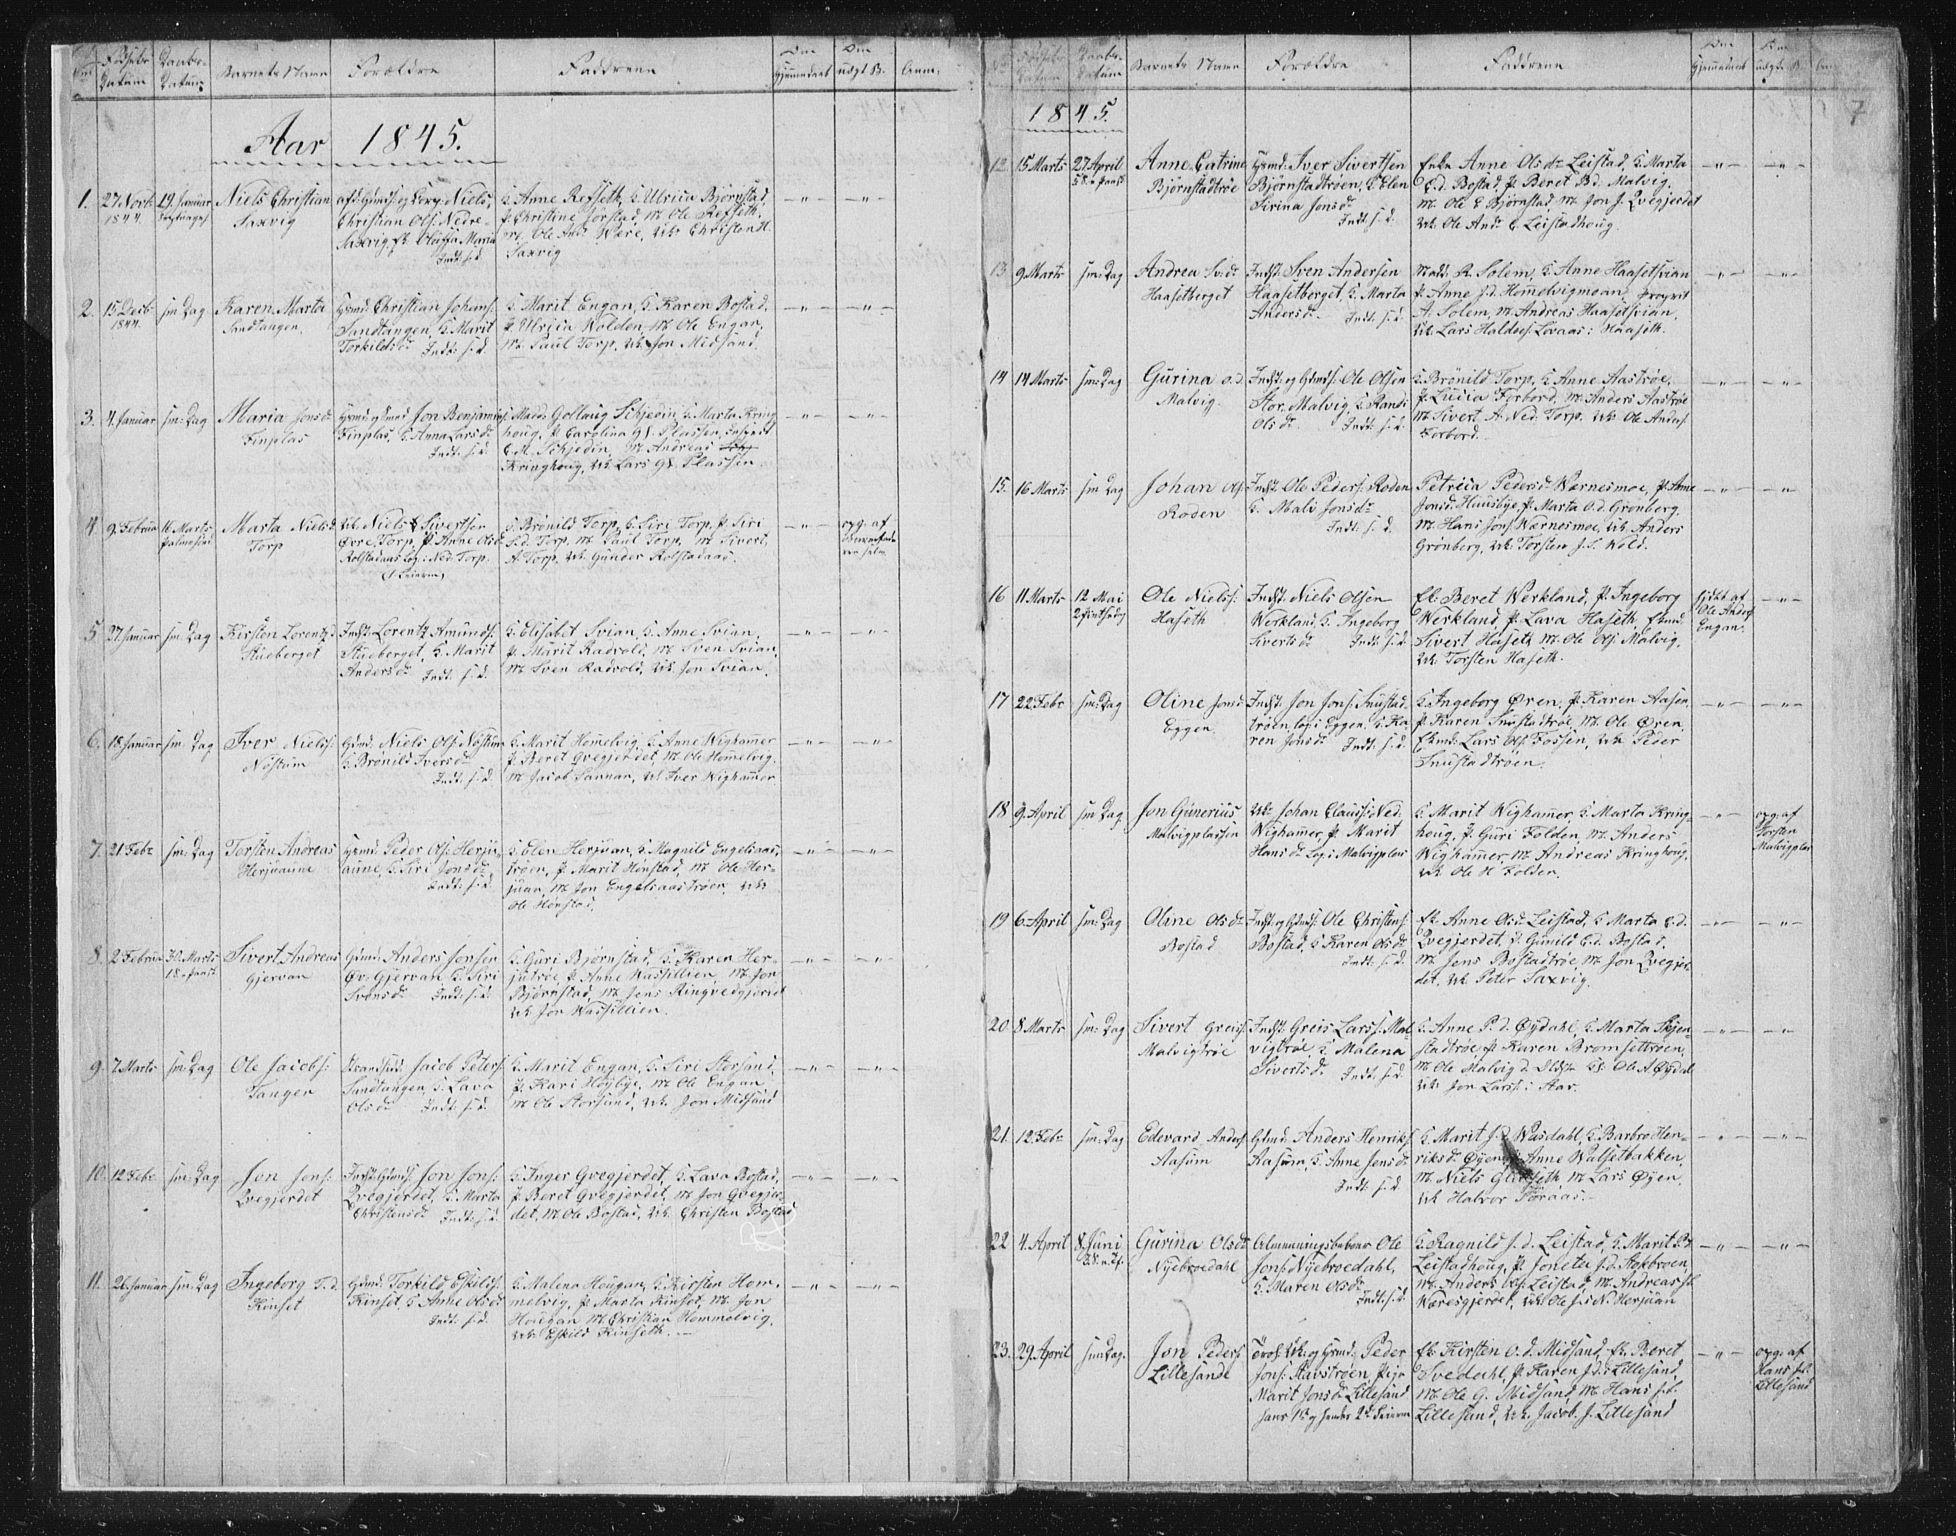 SAT, Ministerialprotokoller, klokkerbøker og fødselsregistre - Sør-Trøndelag, 616/L0406: Ministerialbok nr. 616A03, 1843-1879, s. 7